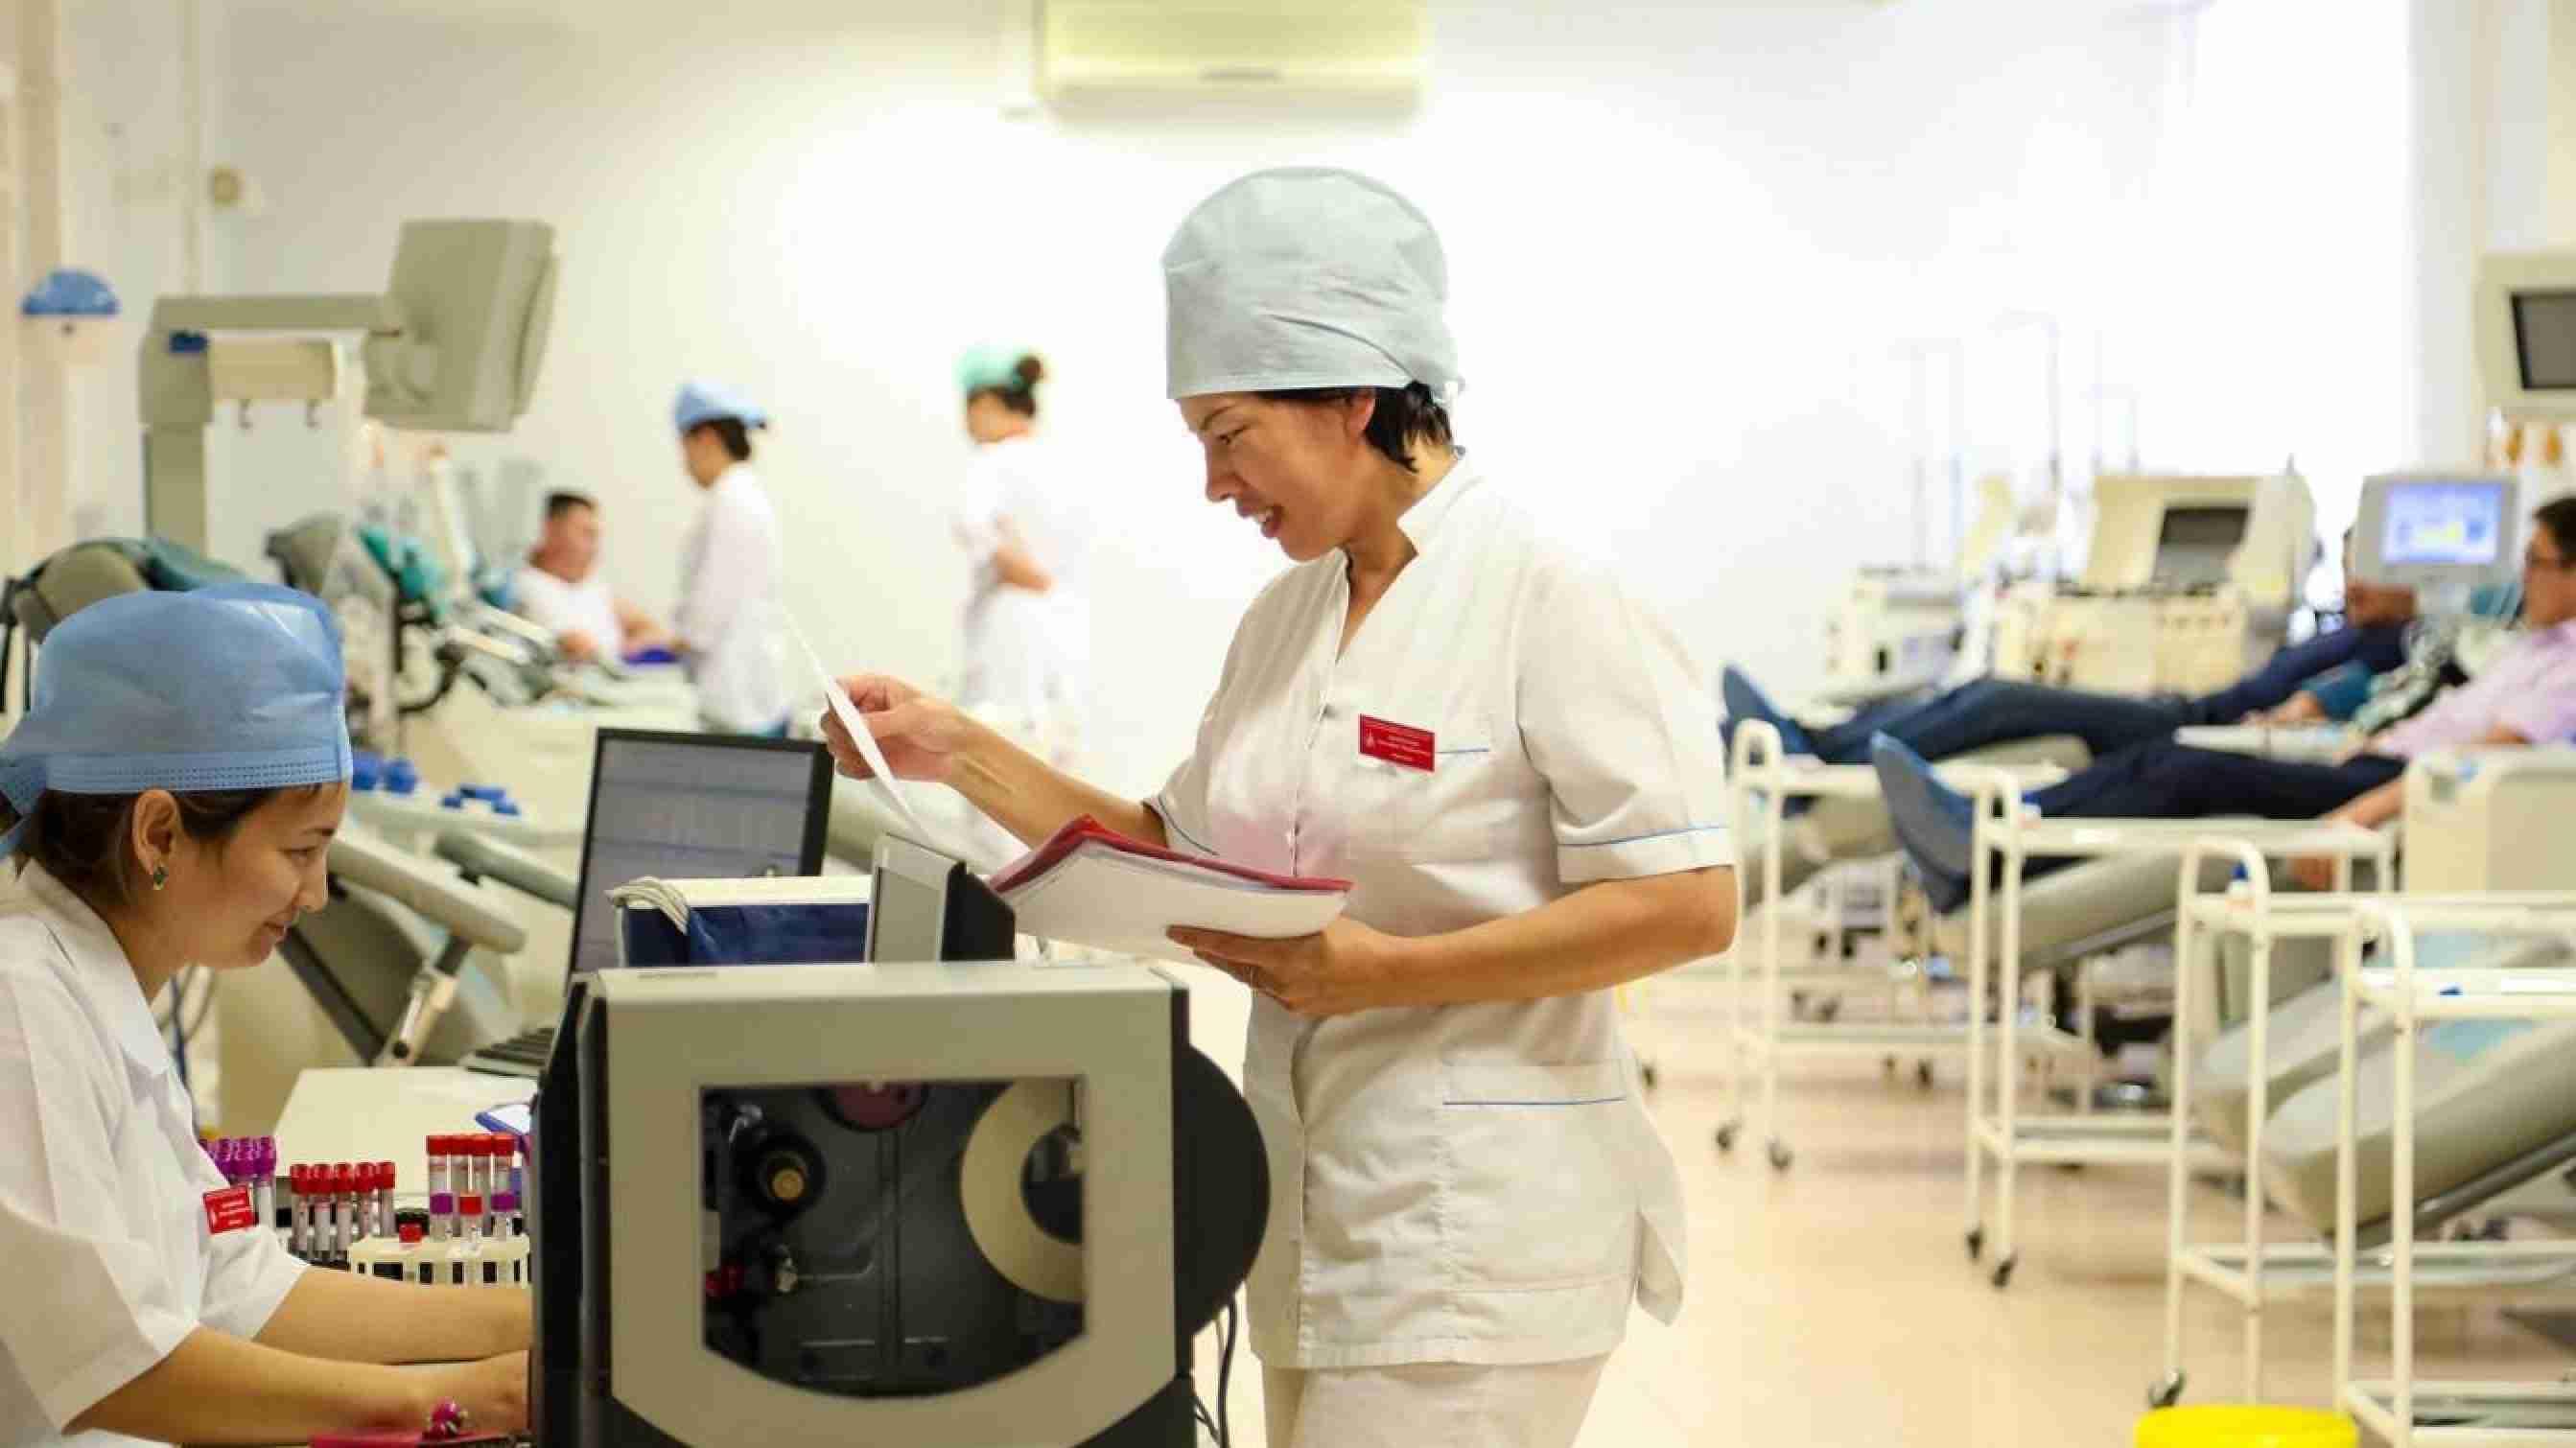 Казахстане медуслуги будут оказывать дистанционно